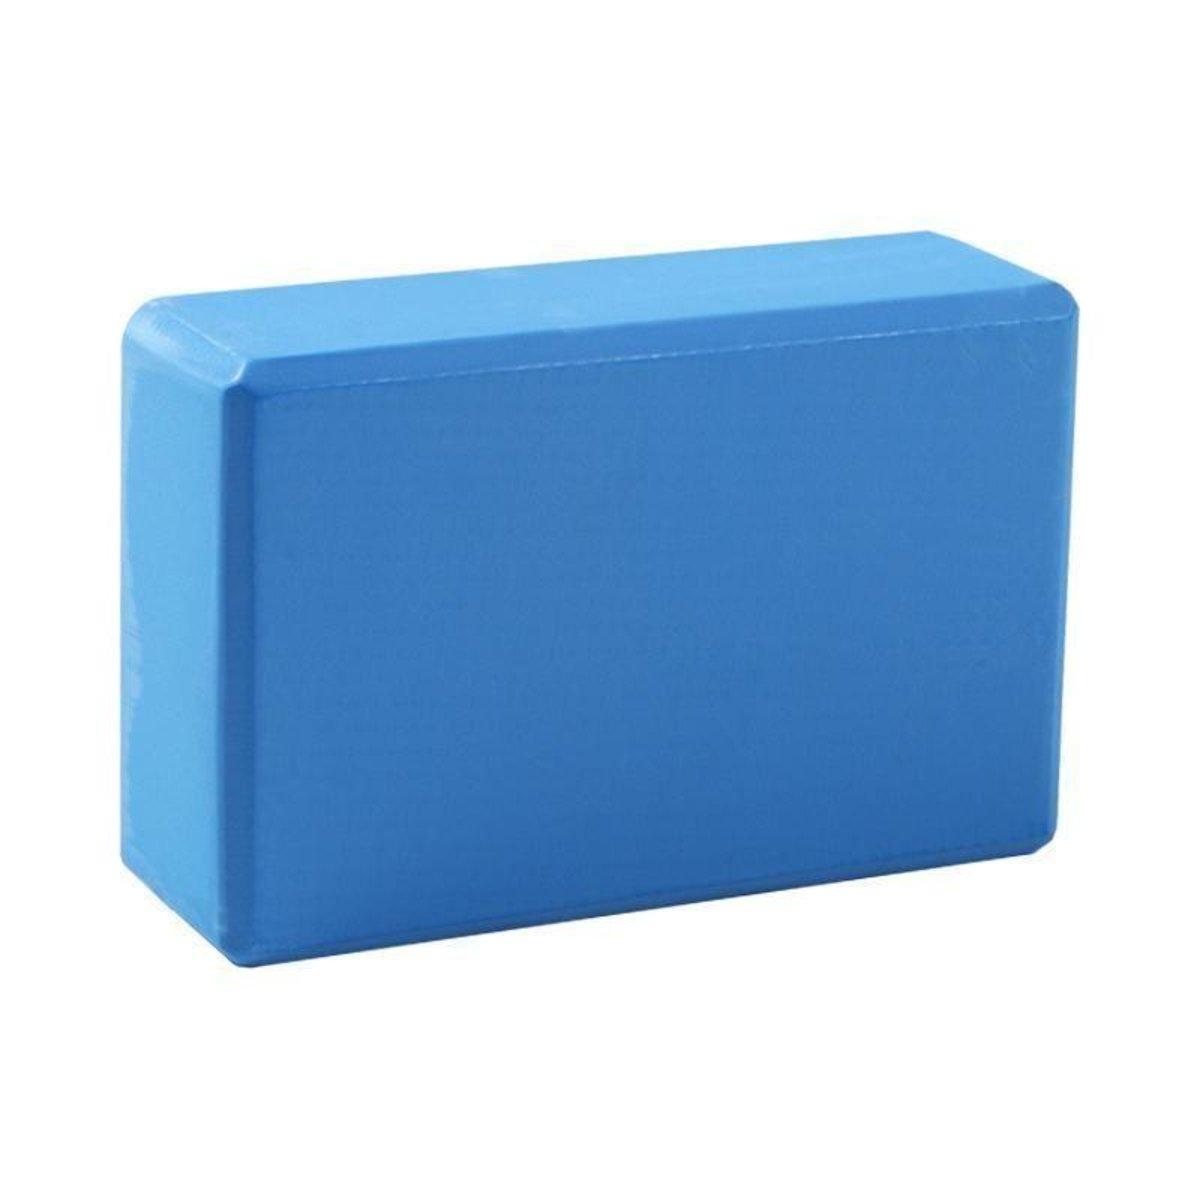 EVA 高密度瑜伽磚 (粉紅/藍/紫) - 藍色